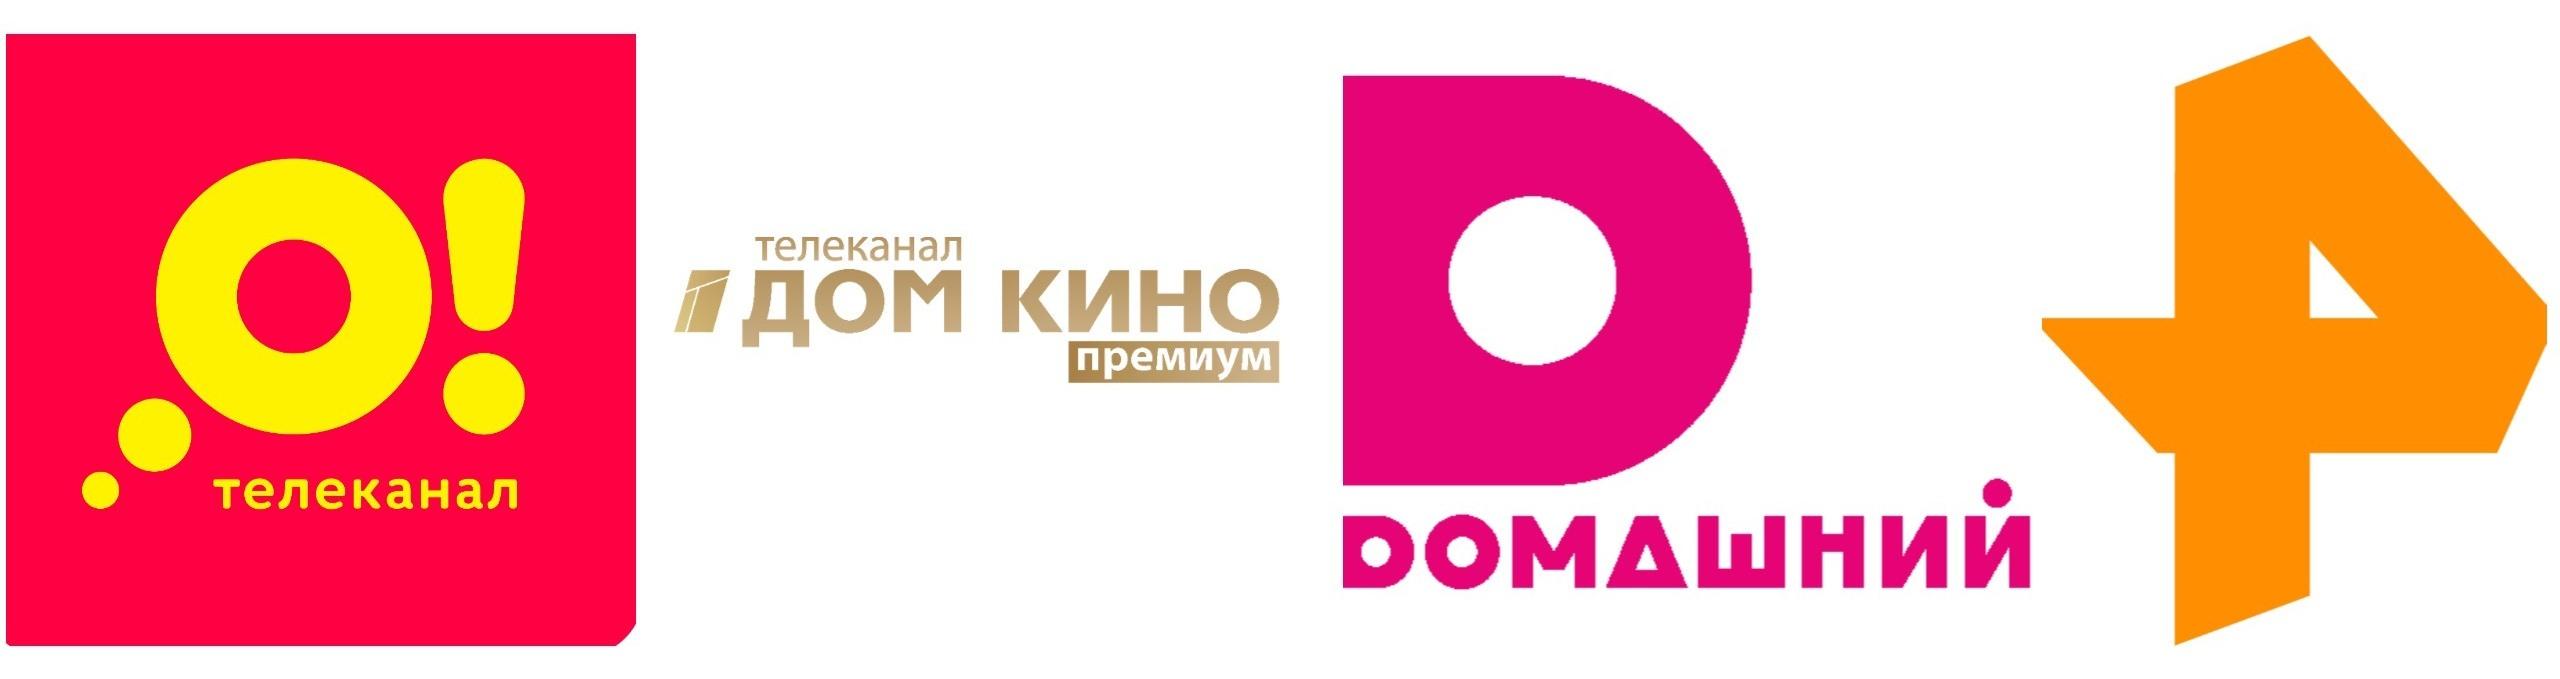 4 новых канала для русскоговорящих зрителей ХОТ